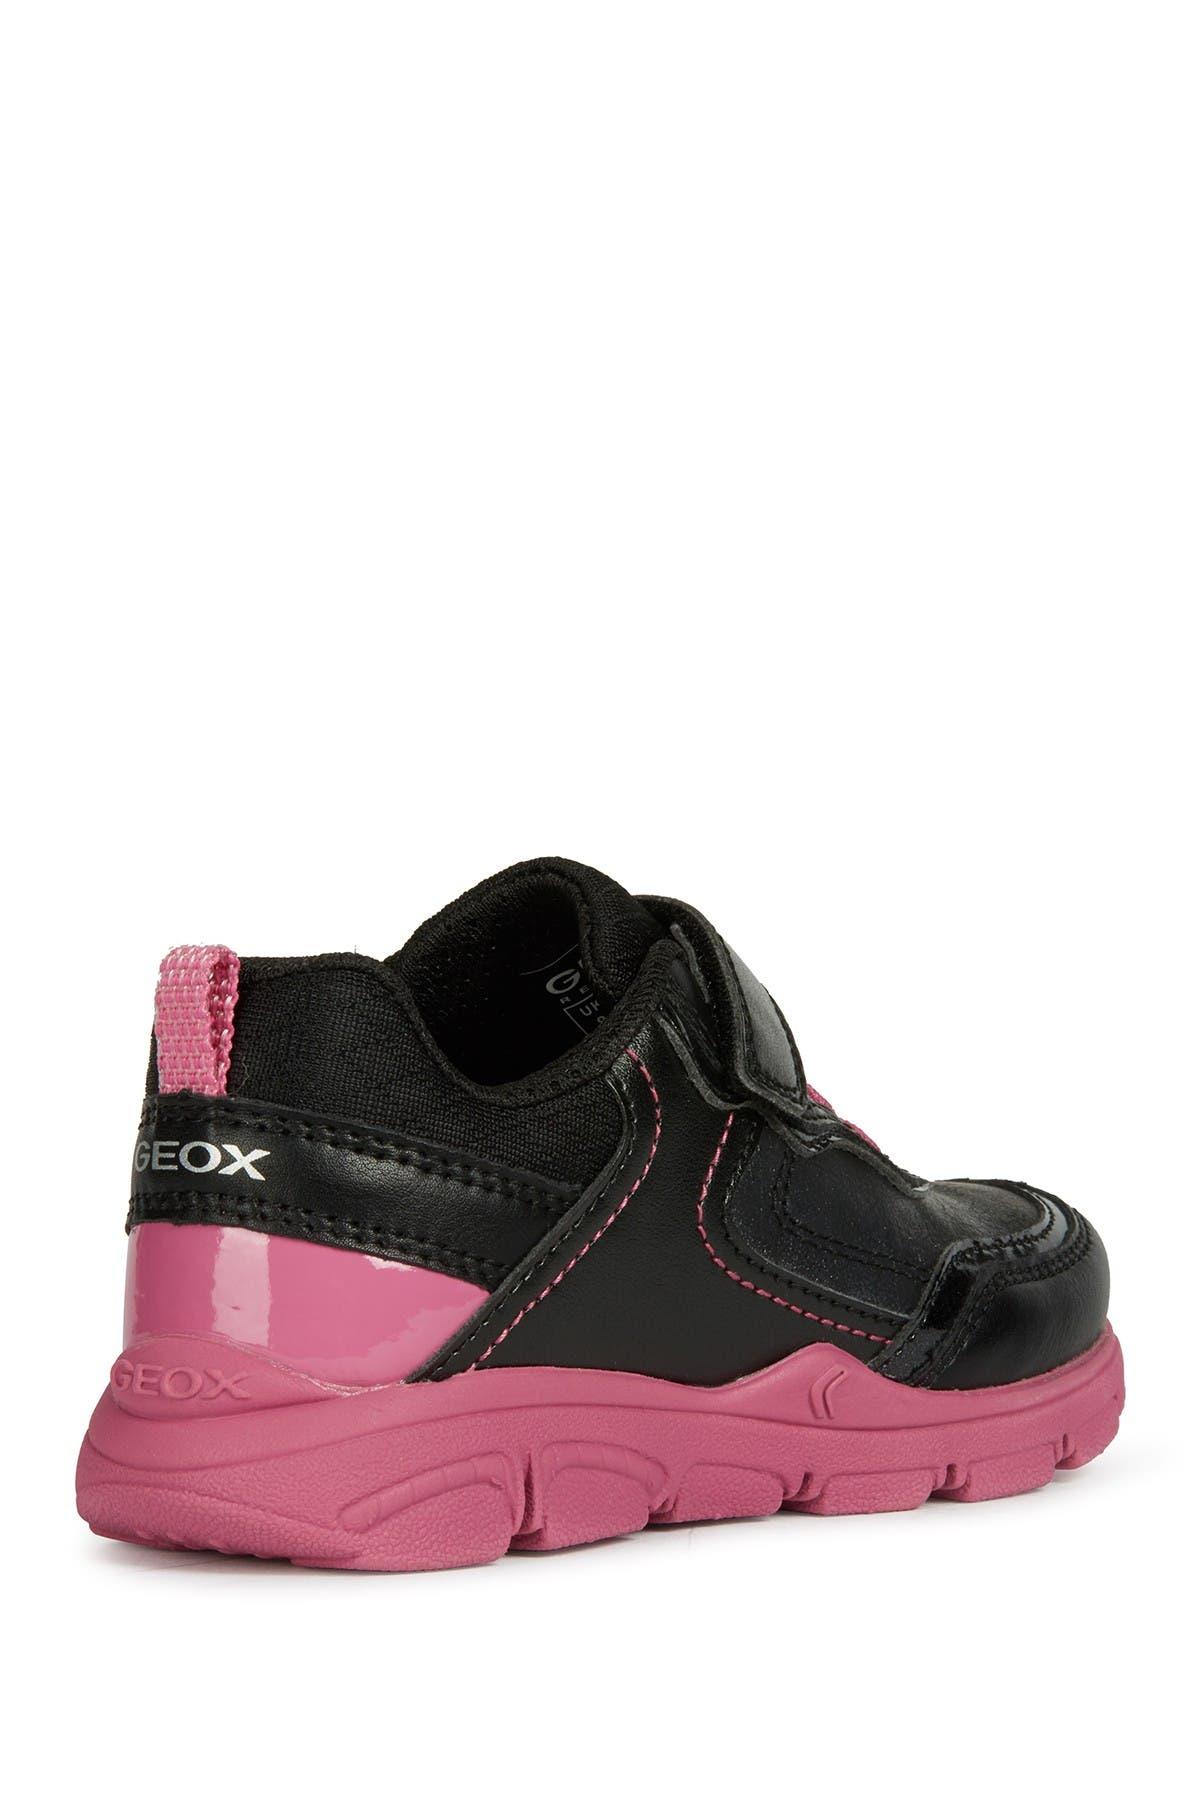 GEOX New Torque Girl 13 Sneaker